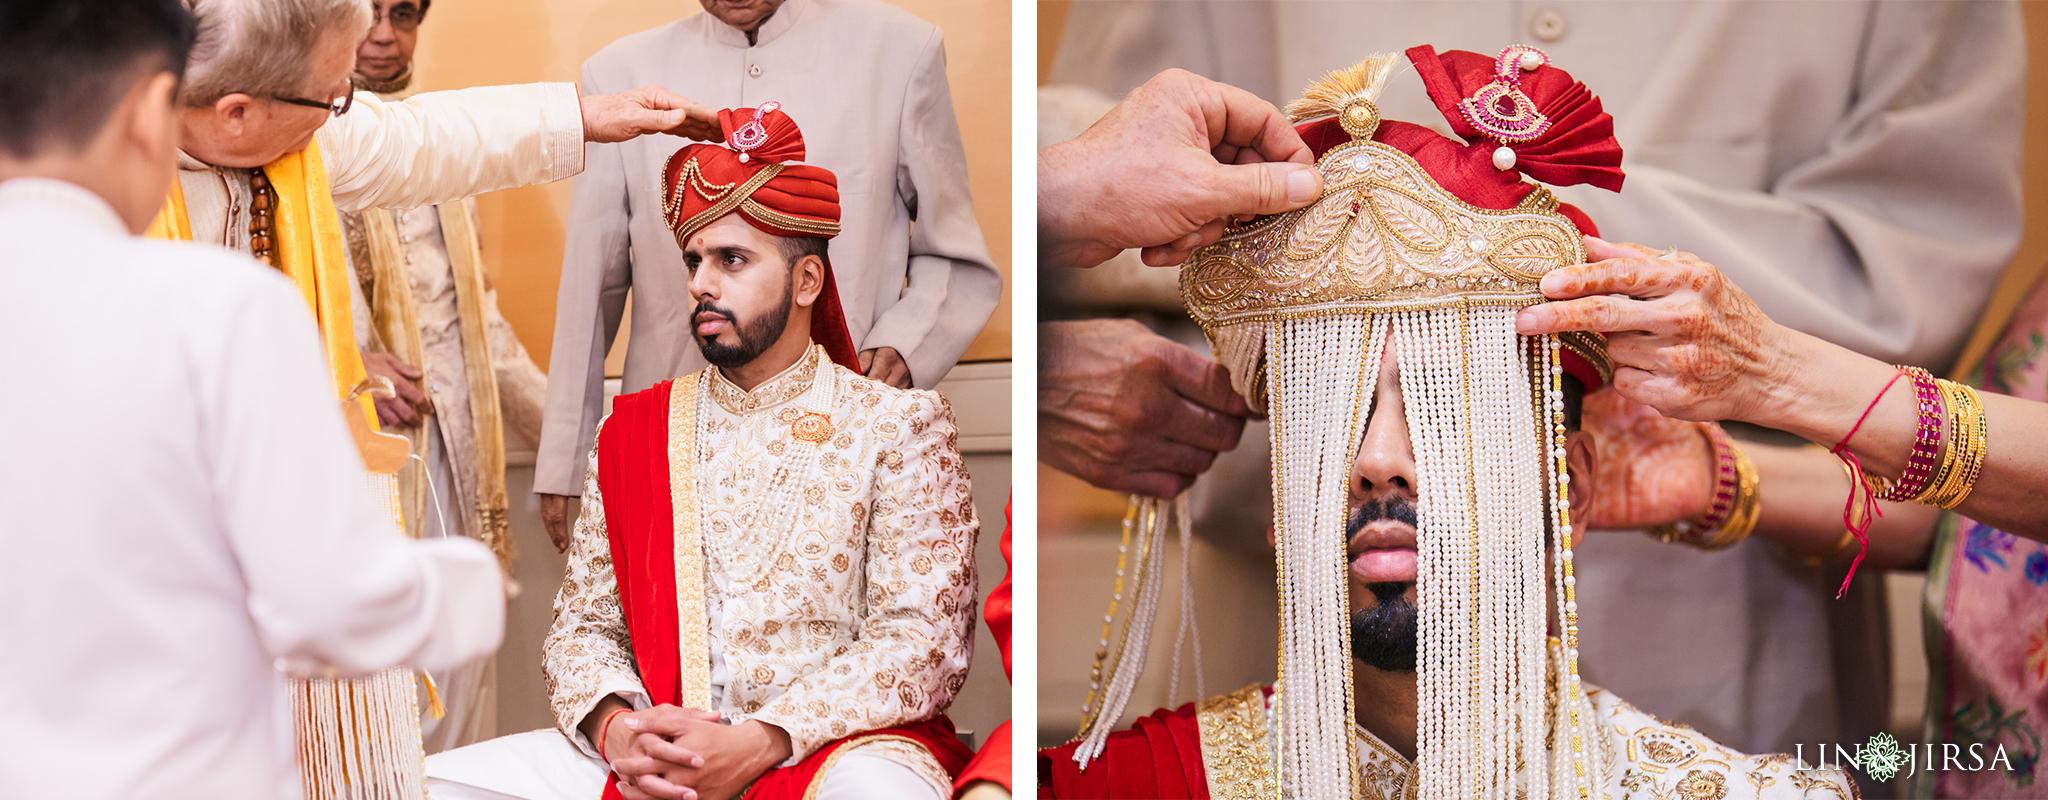 15 Hotel Irvine Punjabi Hindu Indian Wedding Photography